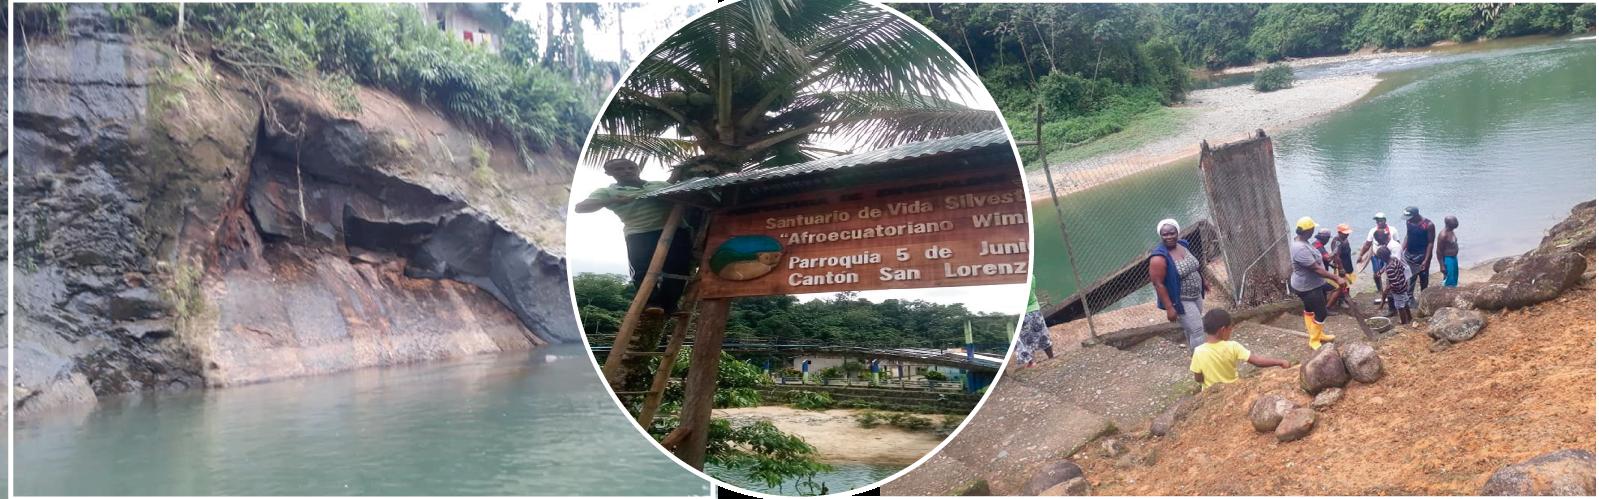 21limpieza-lugares-turisticos.png